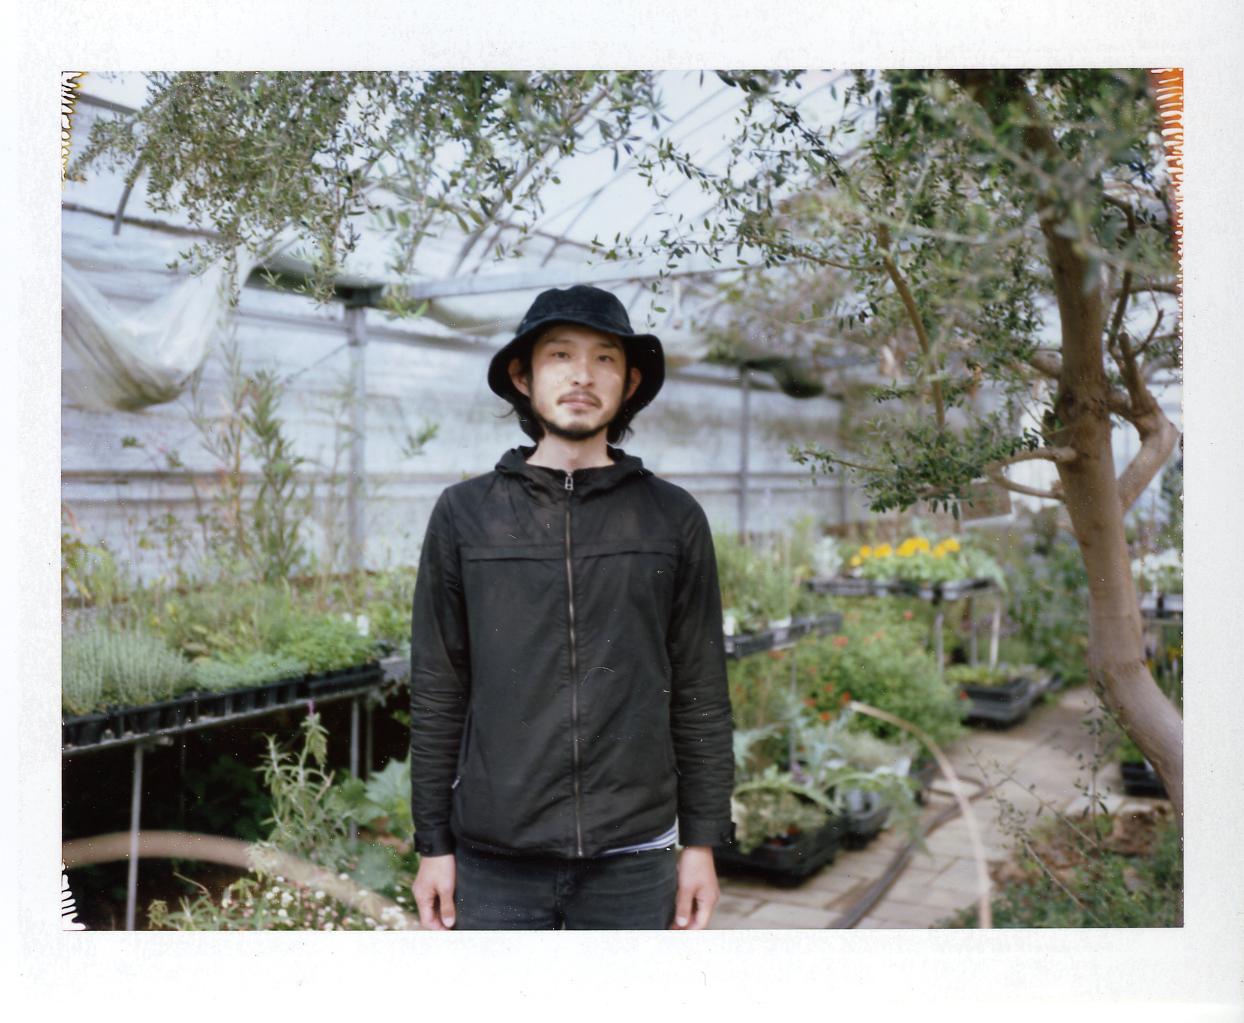 農薬も肥料も使わずハーブを専門に育てる「まるふく農園」の楠瀬 健太さん。